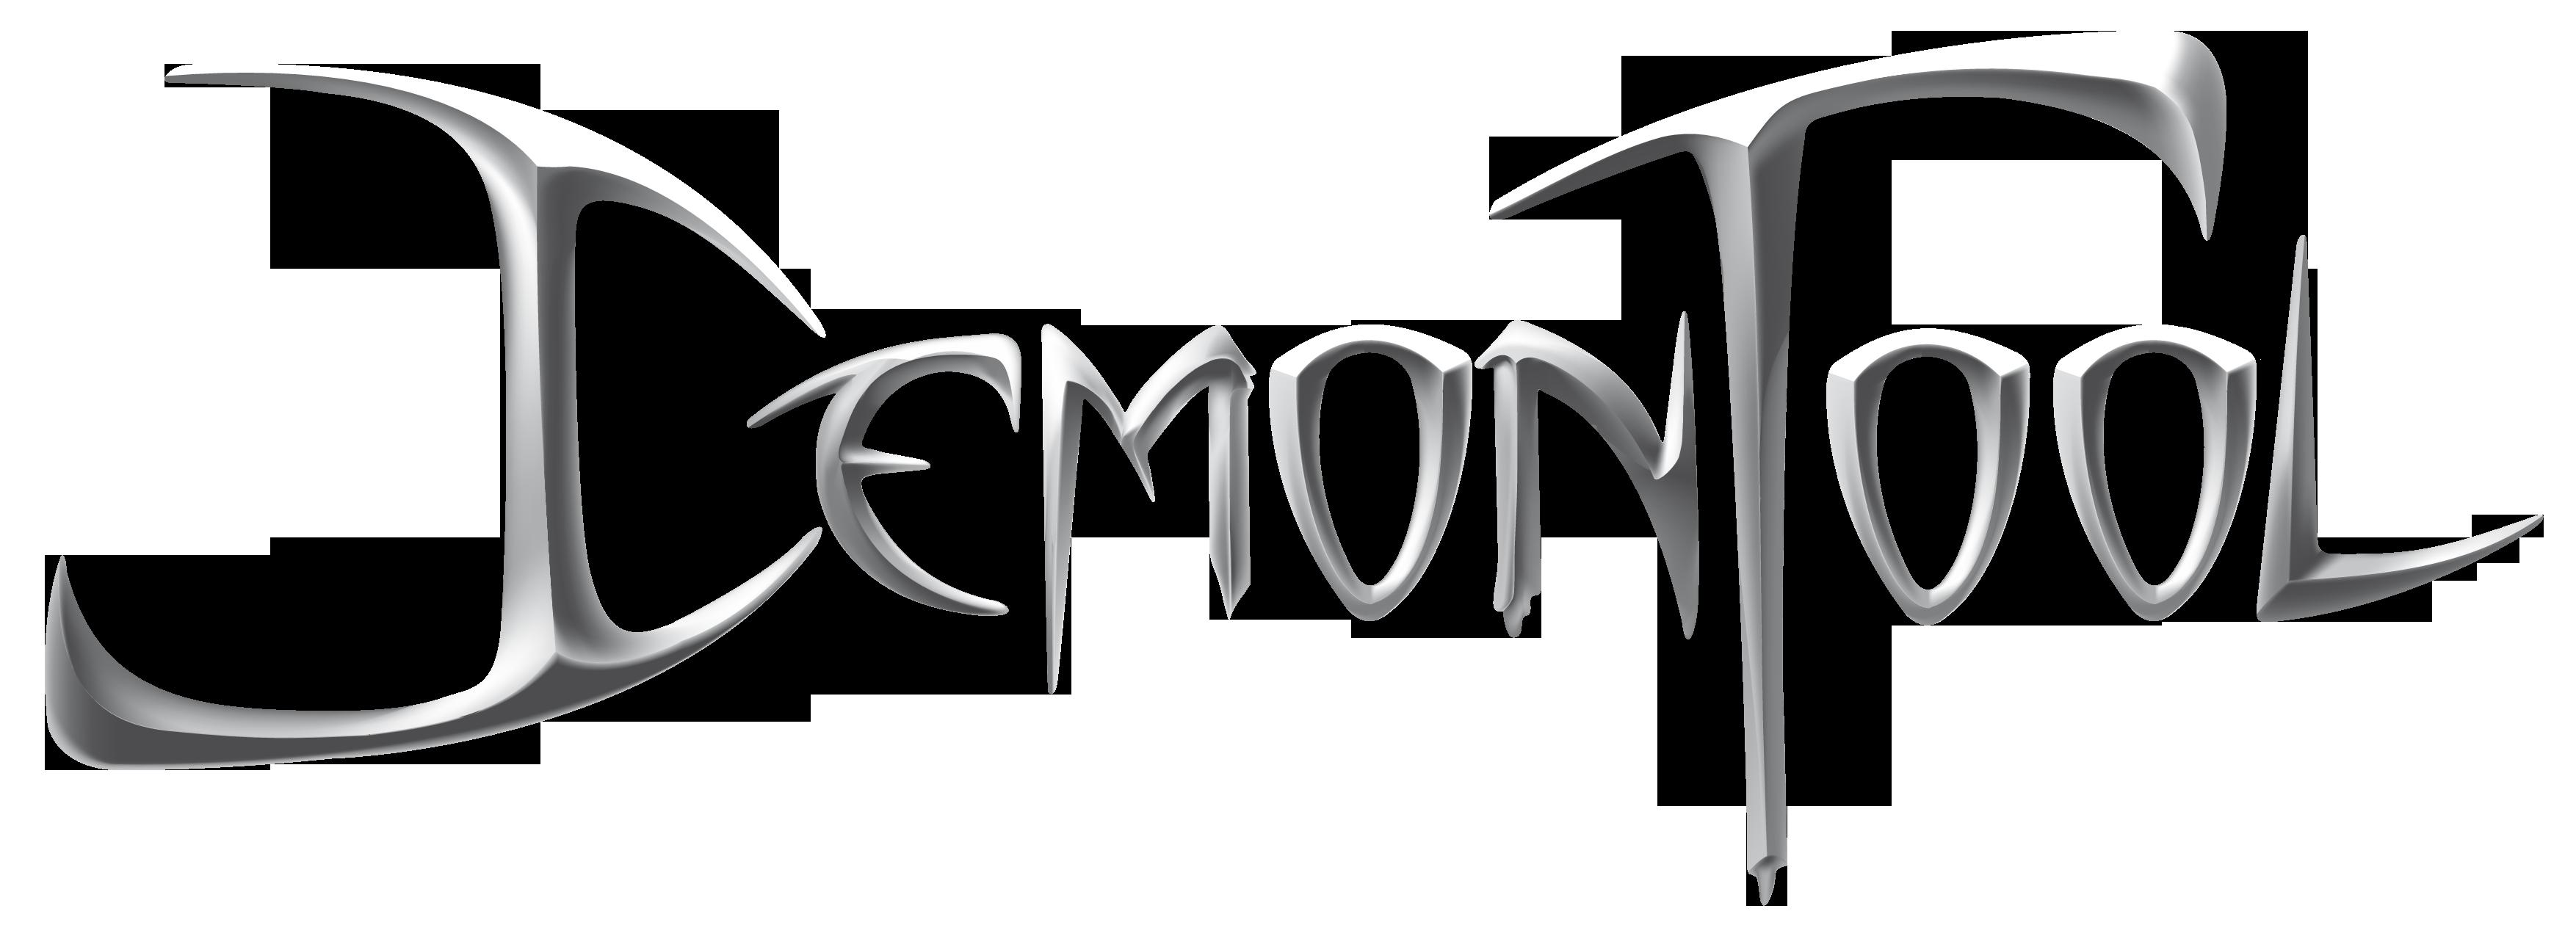 logo 2011 seul